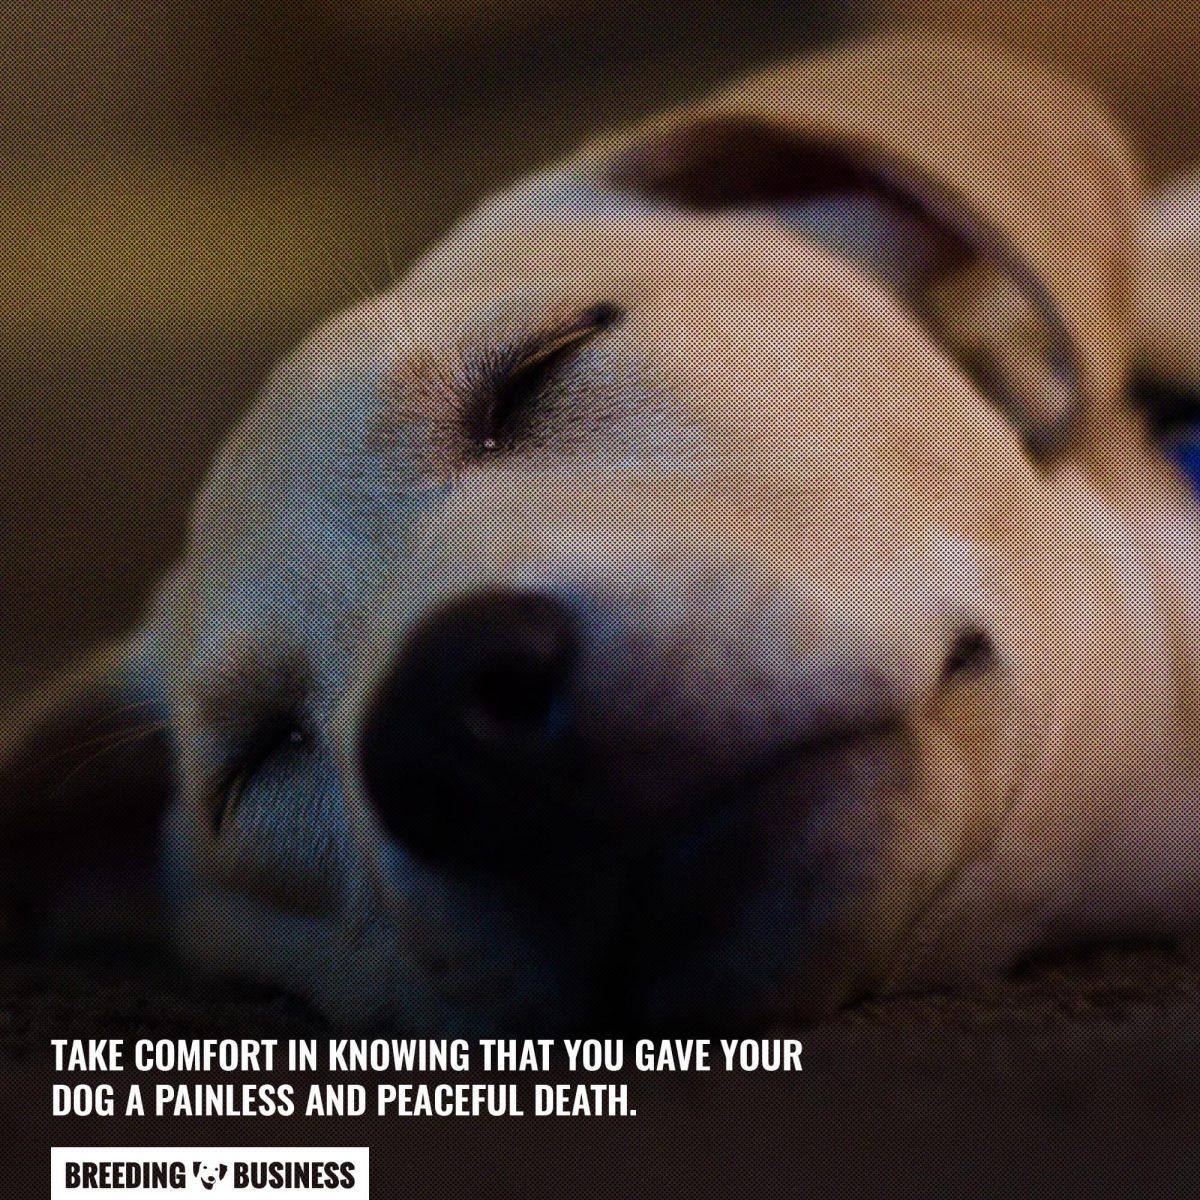 dog euthanasia painless